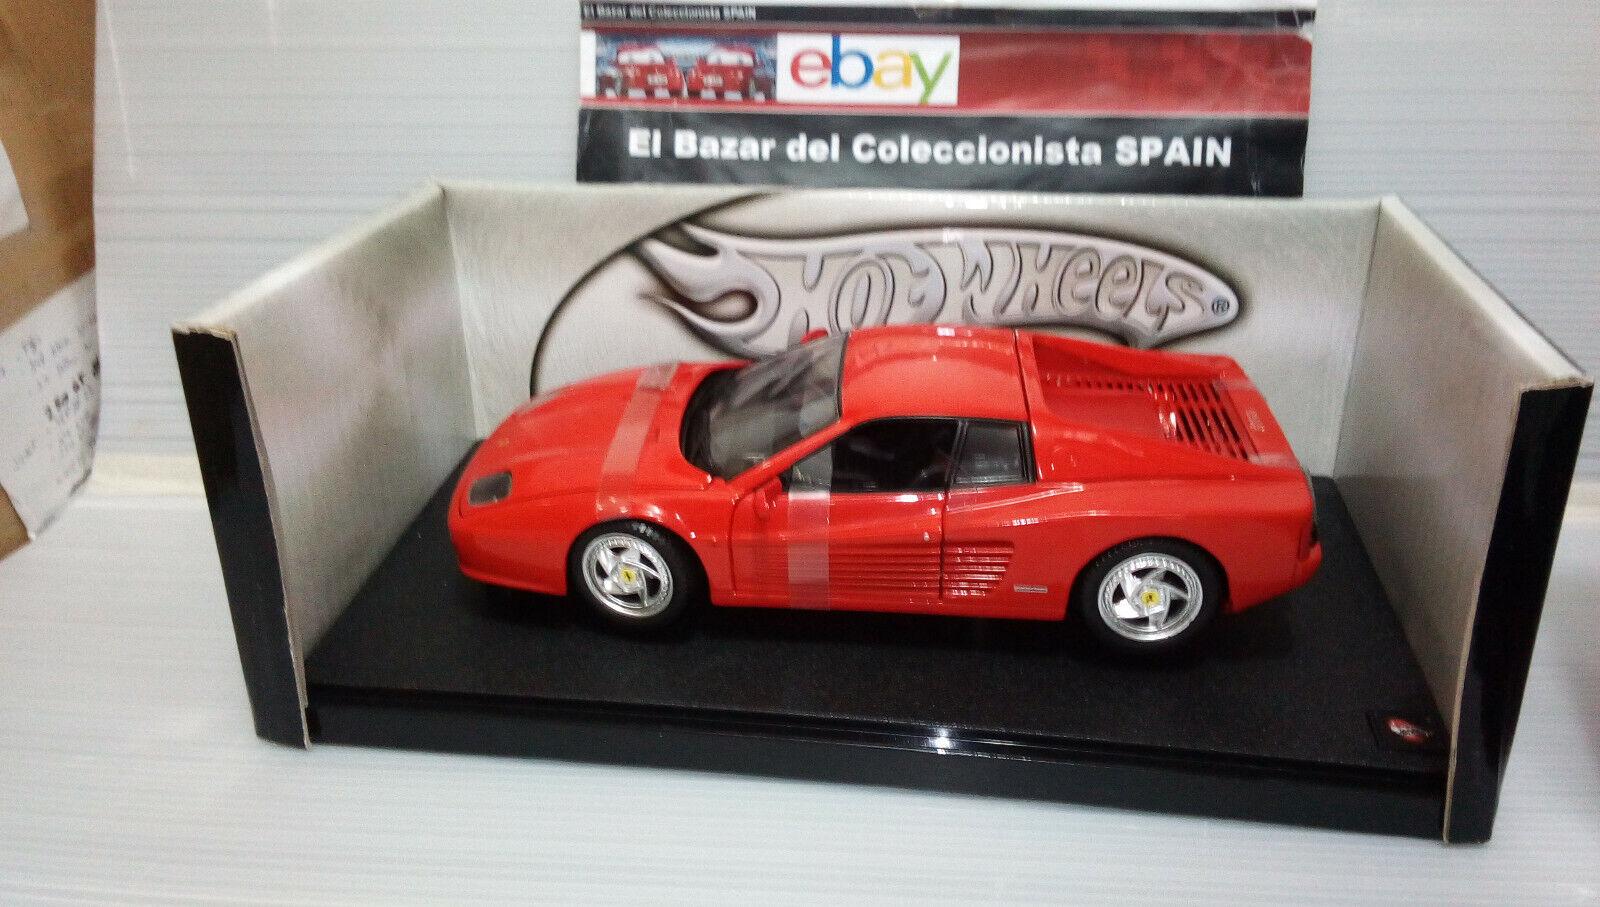 alta calidad general 1 18 Ferrari 512 512 512 TeEstrellaossa -   Hot Wheels - 3L 050  entrega gratis